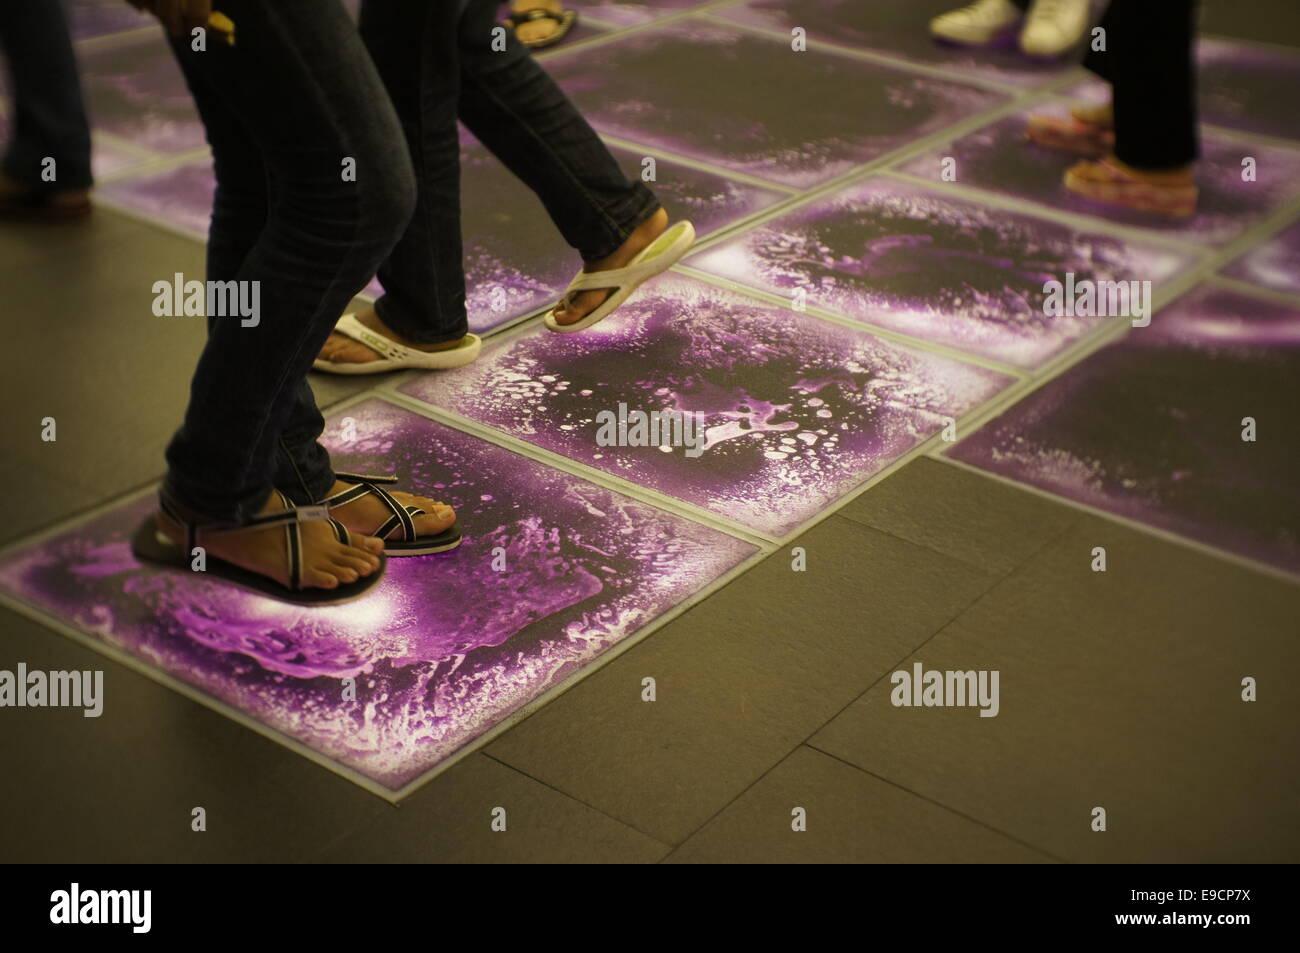 how to make liquid floor tiles